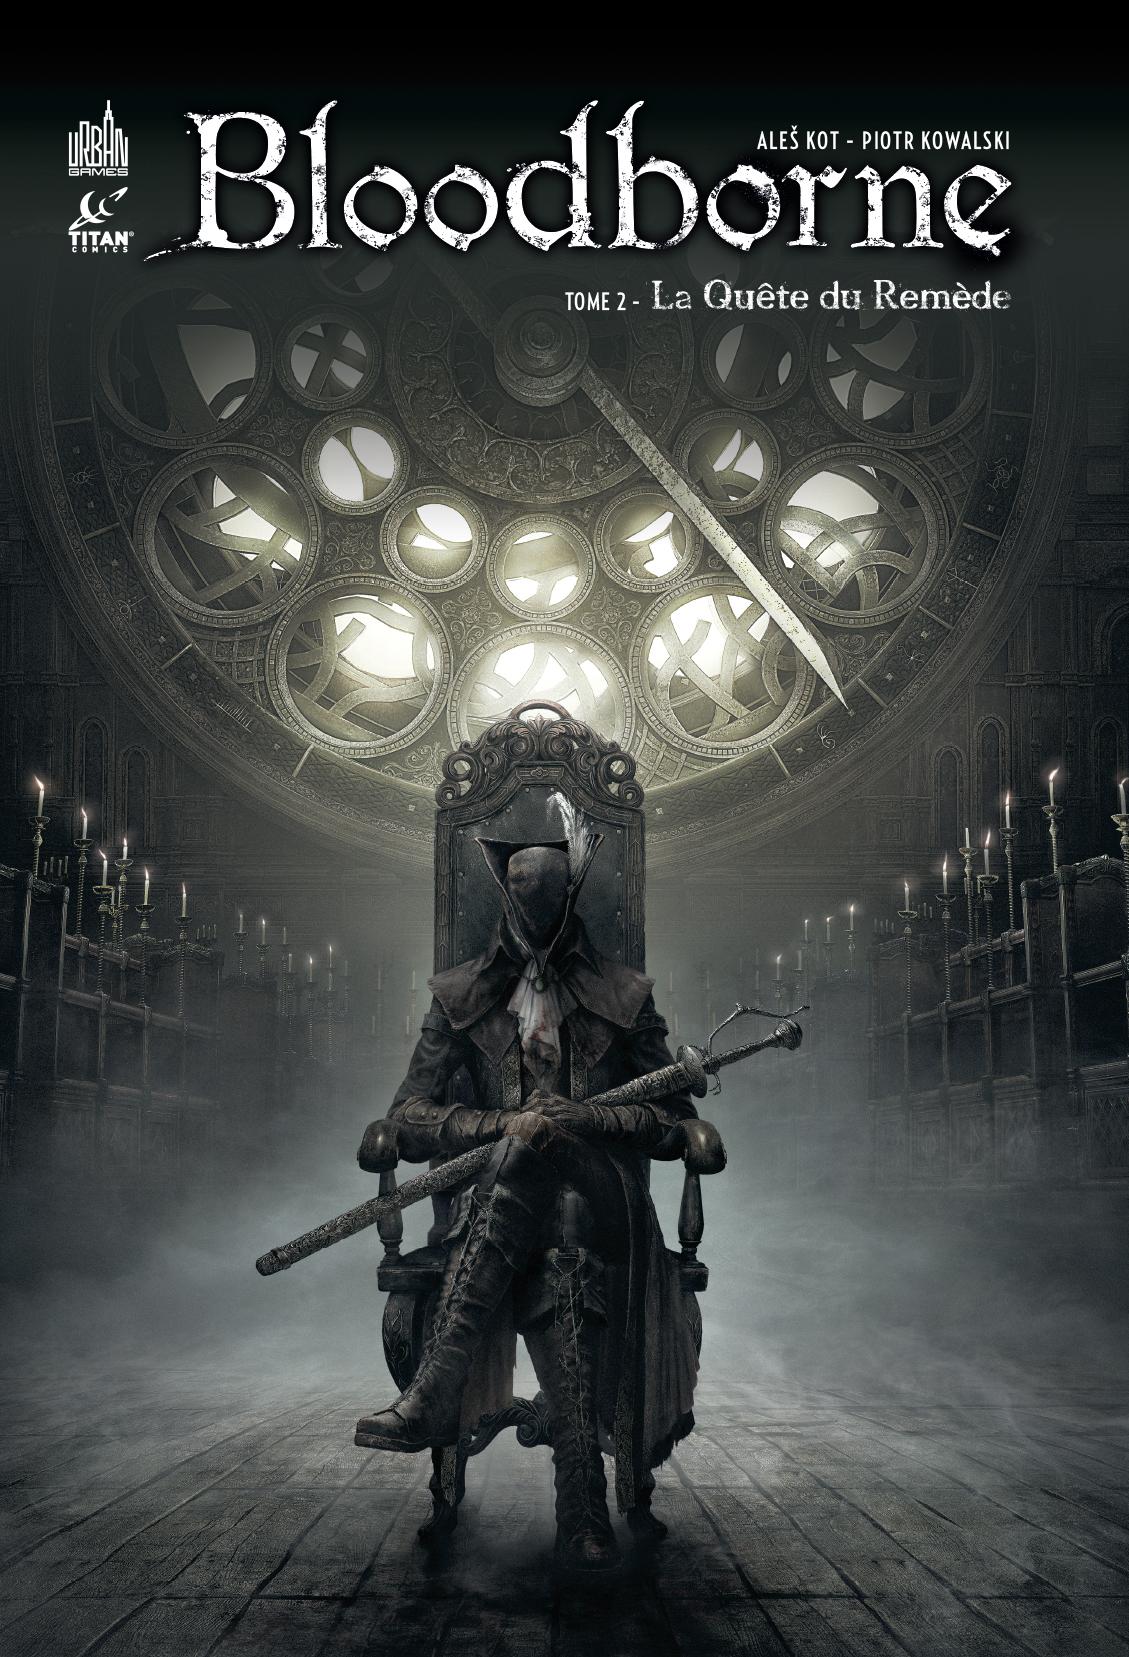 Bloodborne 2 - Bloodborne 2